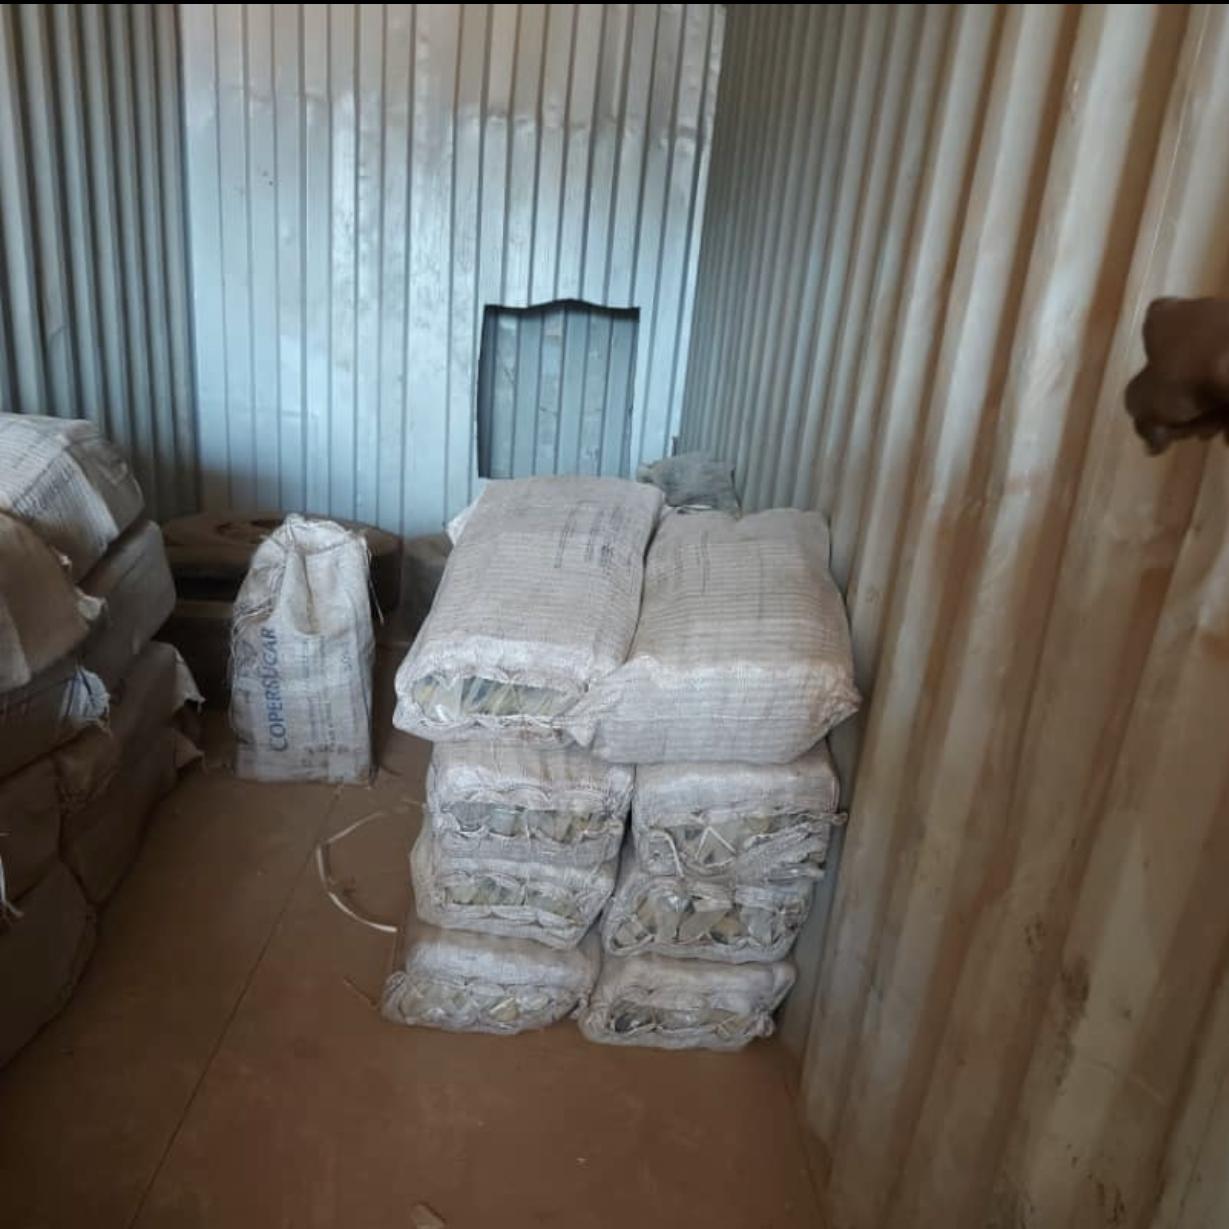 TRAFIC INTERNATIONAL DE DROGUES : La Douane saisit 1376 kg de chanvre indien à Kidira.